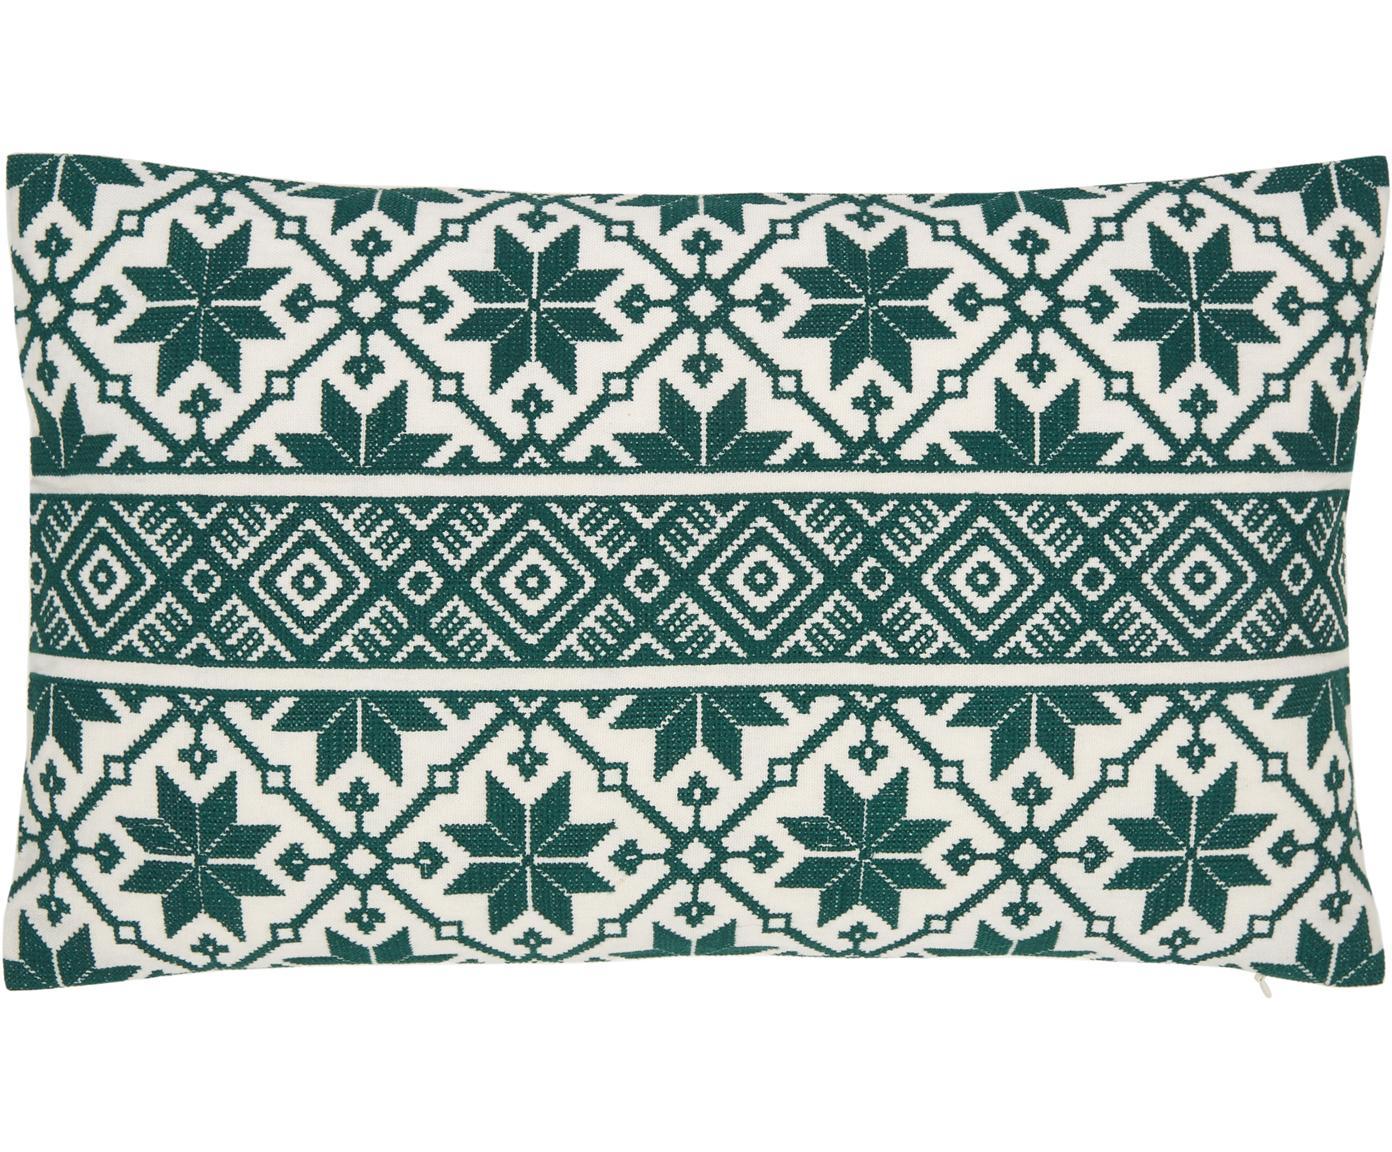 Kissenhülle Shetland mit winterlichen Motiven, 100% Baumwolle, Grün, Cremeweiß, 30 x 50 cm